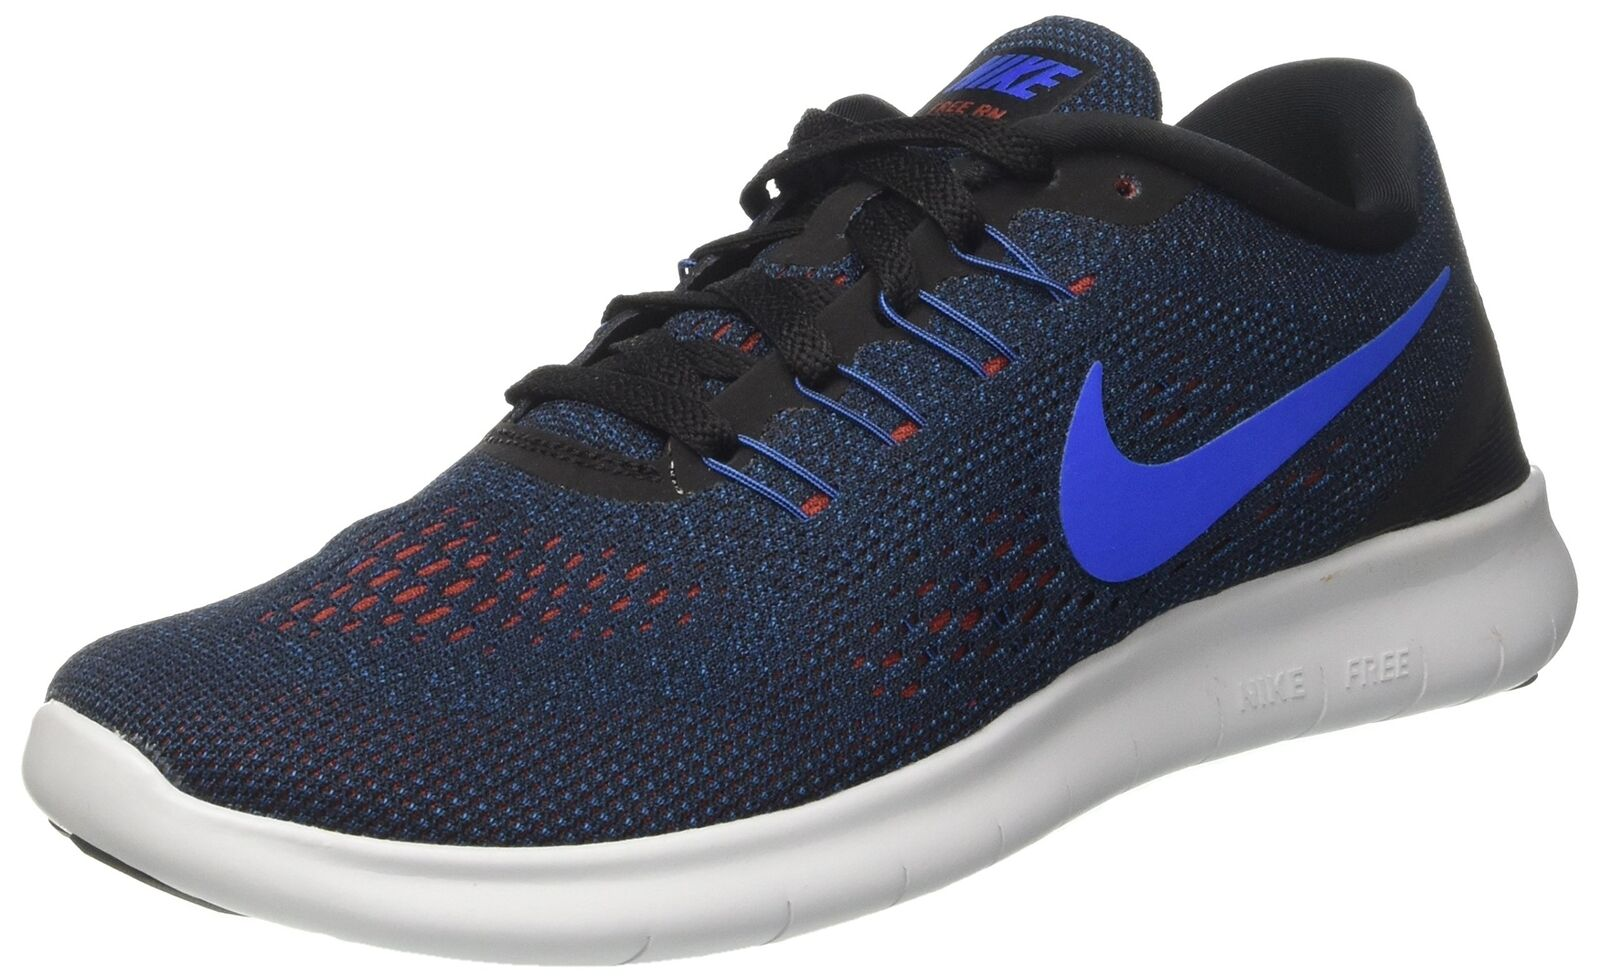 Nike uomini liberi rn scarpa da nero corsa, squadra royal / nero da / buio cayenne / vola 12 d (m) us fd74b7